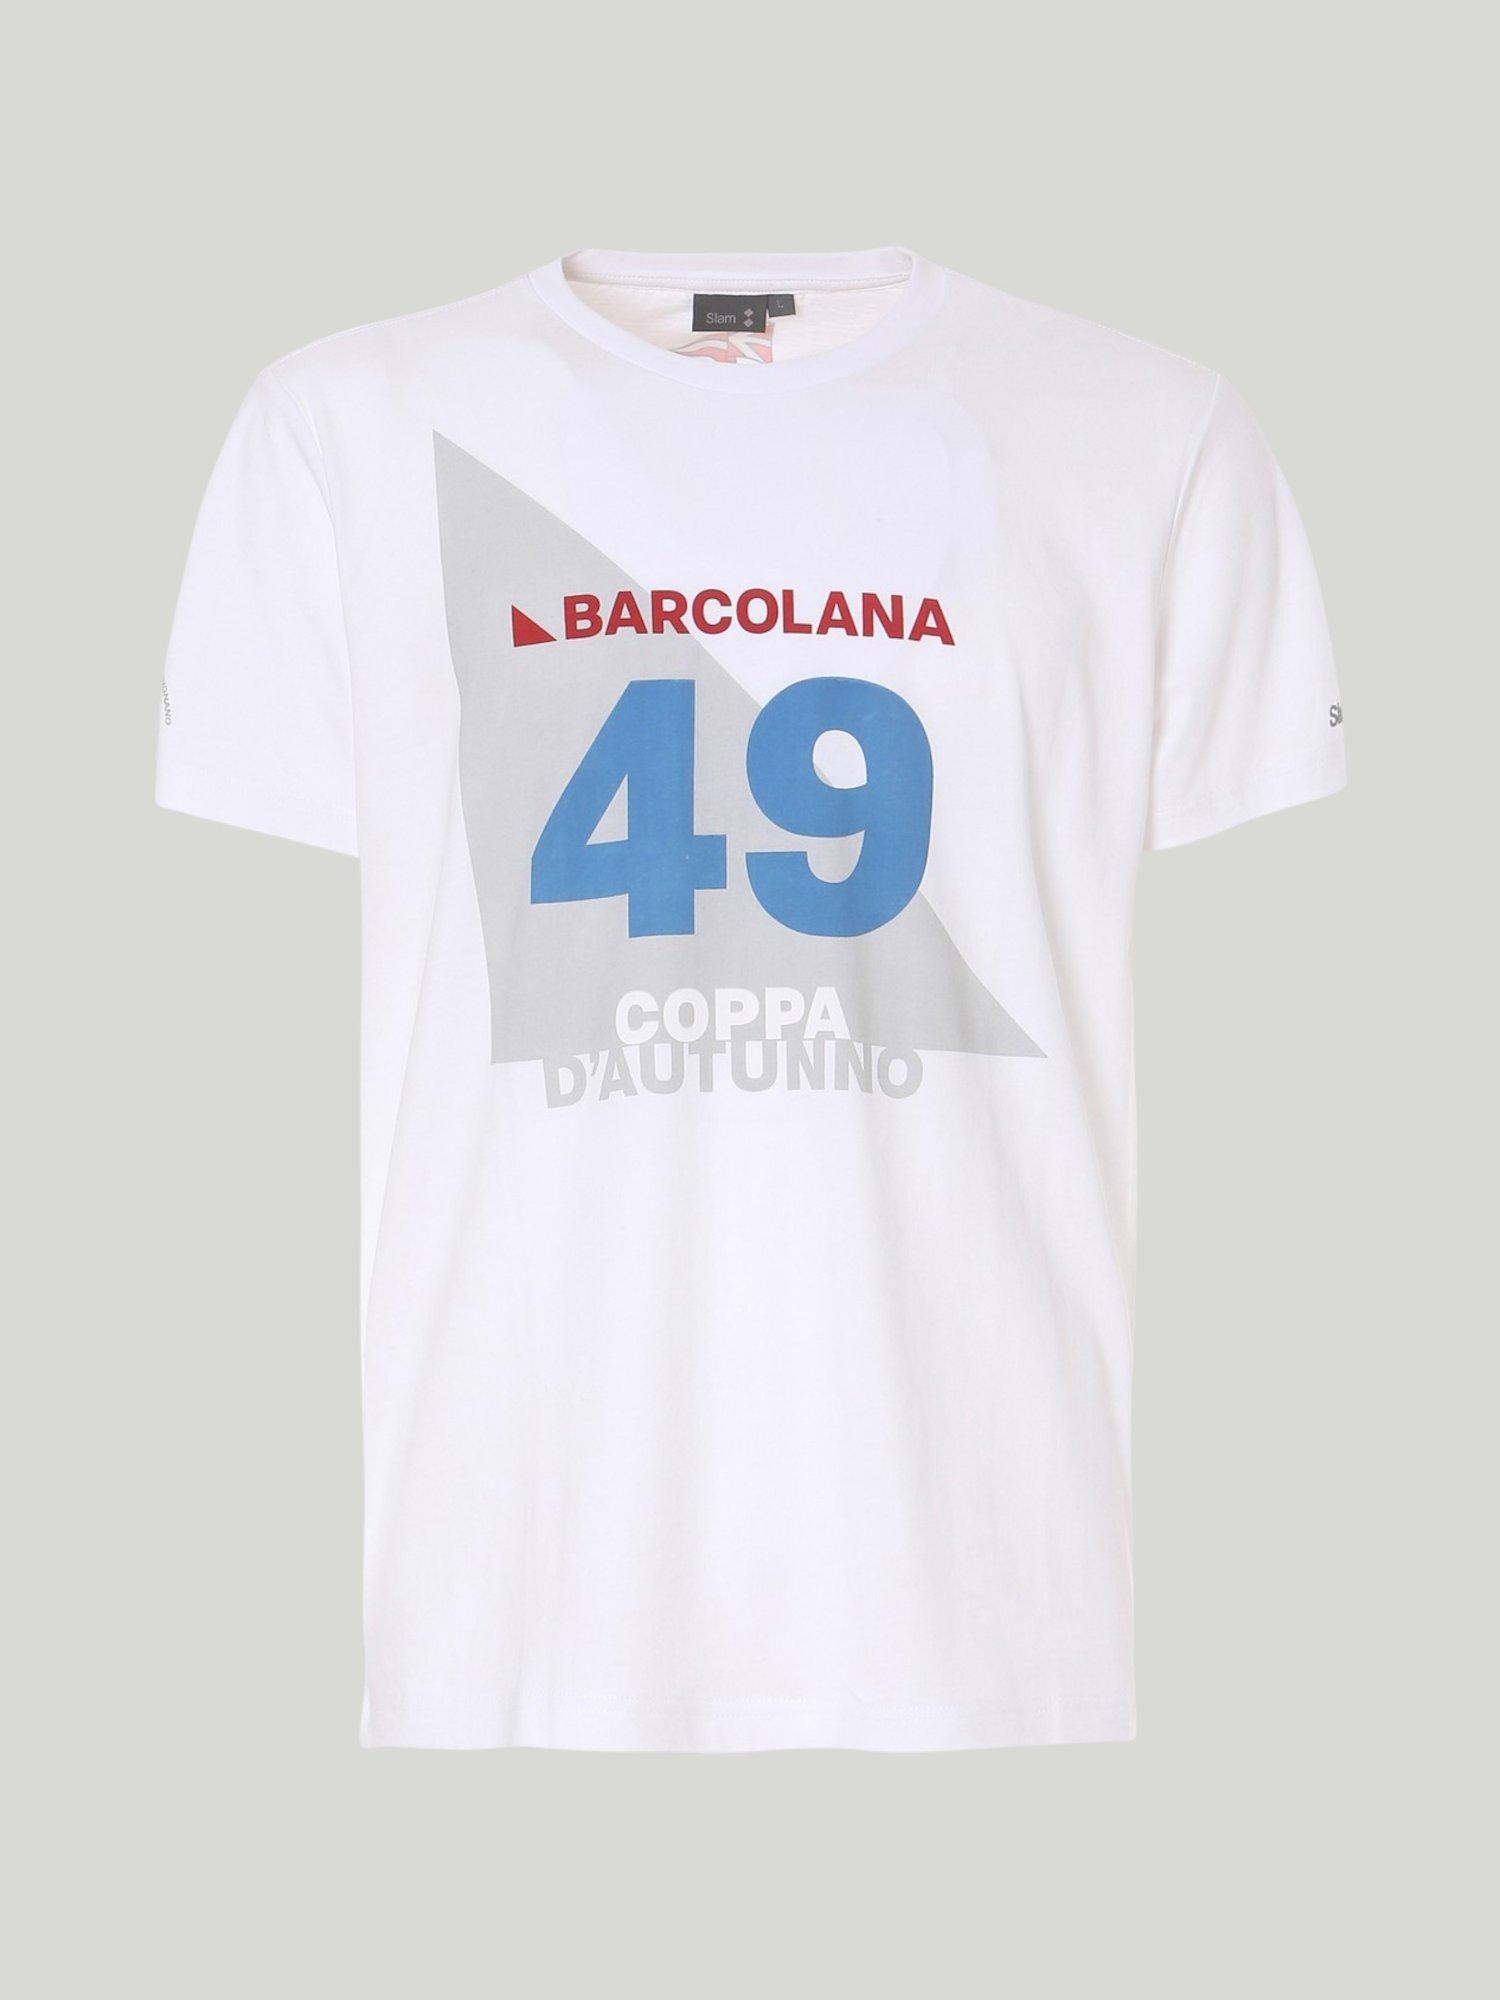 49 Barcolana t-shirt  - White